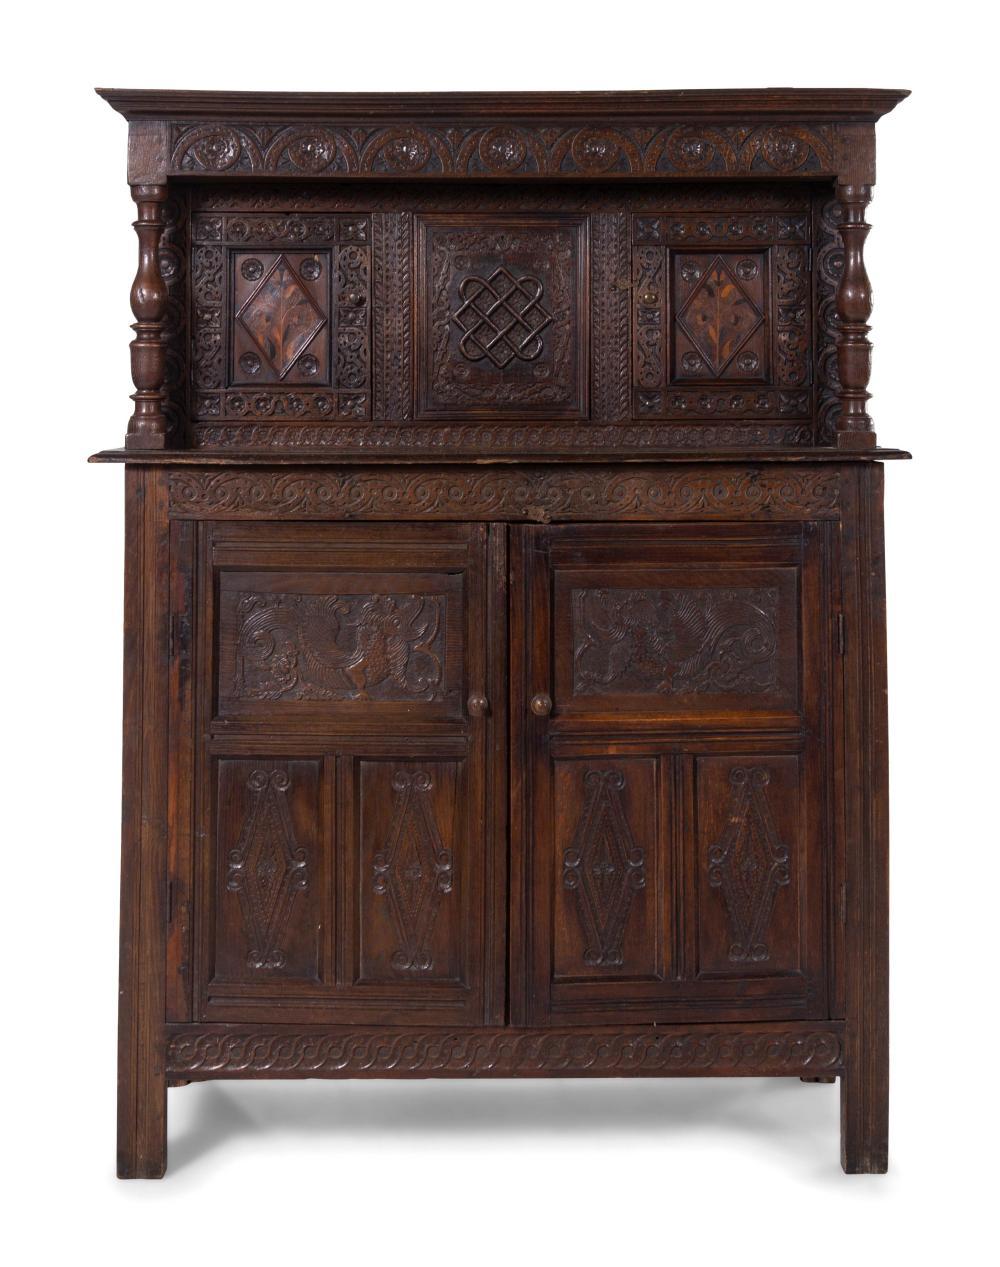 A Jacobean Style Oak Court Cupboard